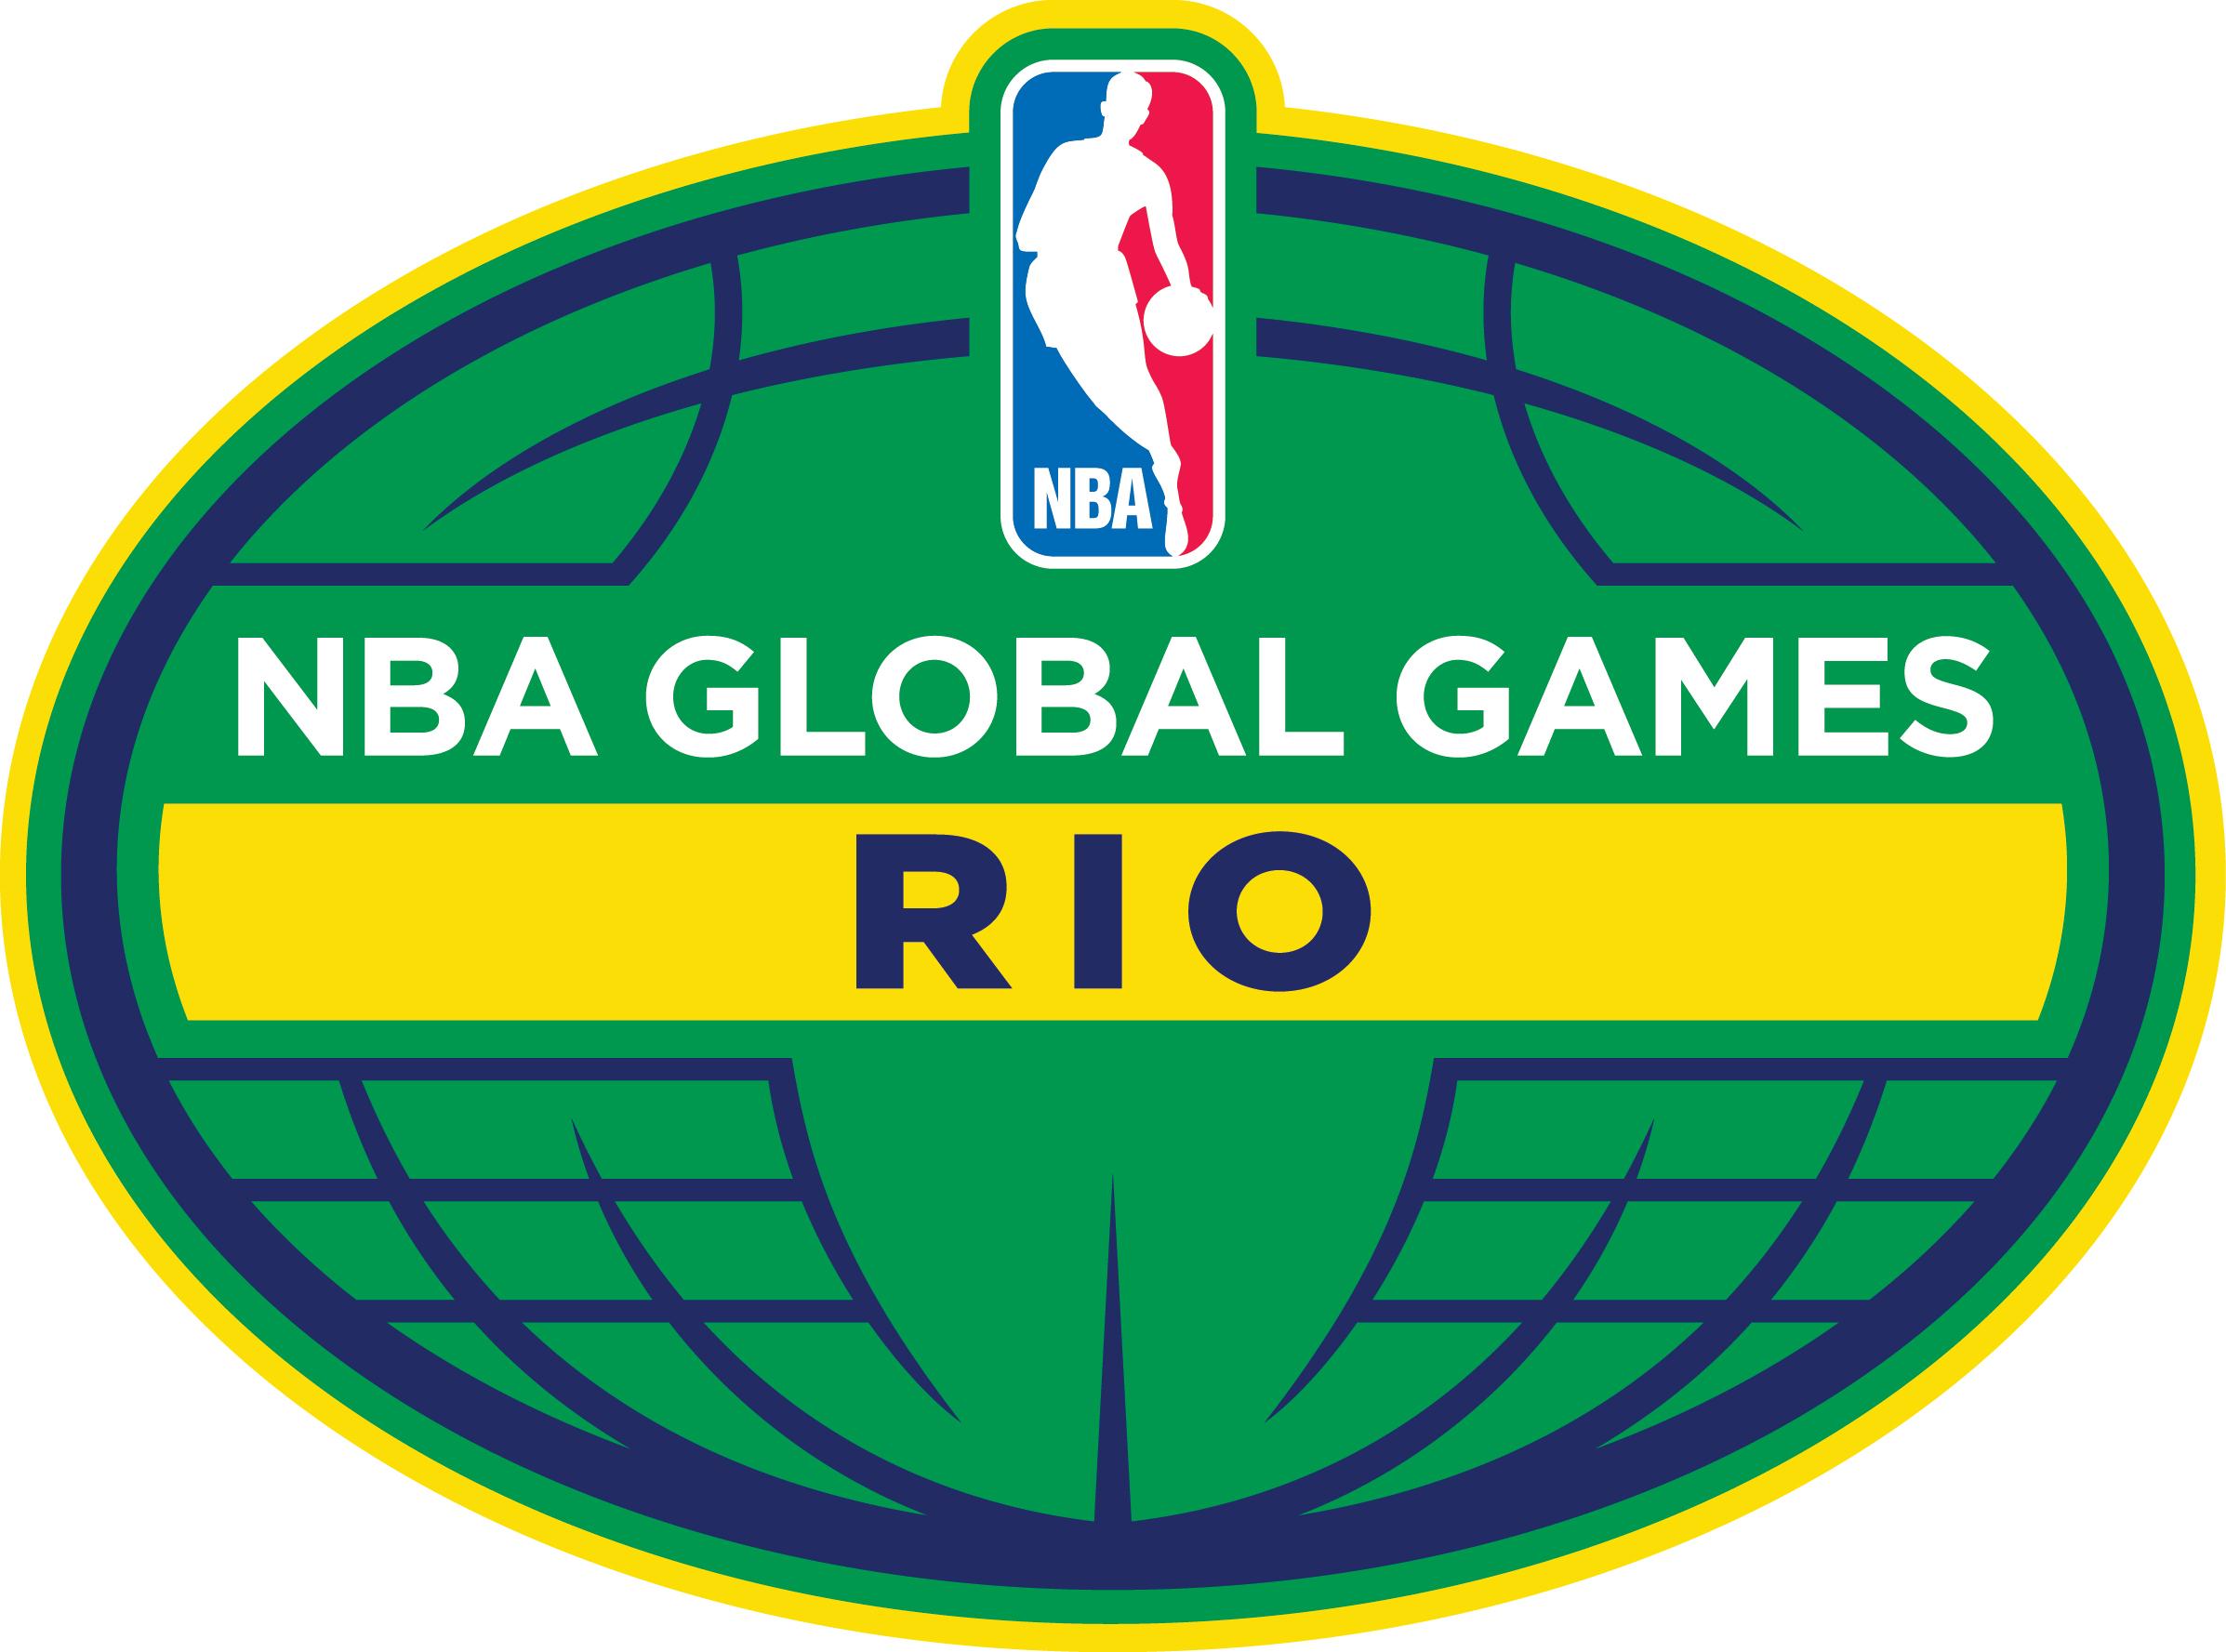 NBA-Global-Games-Rio-de-Janeiro.jpg